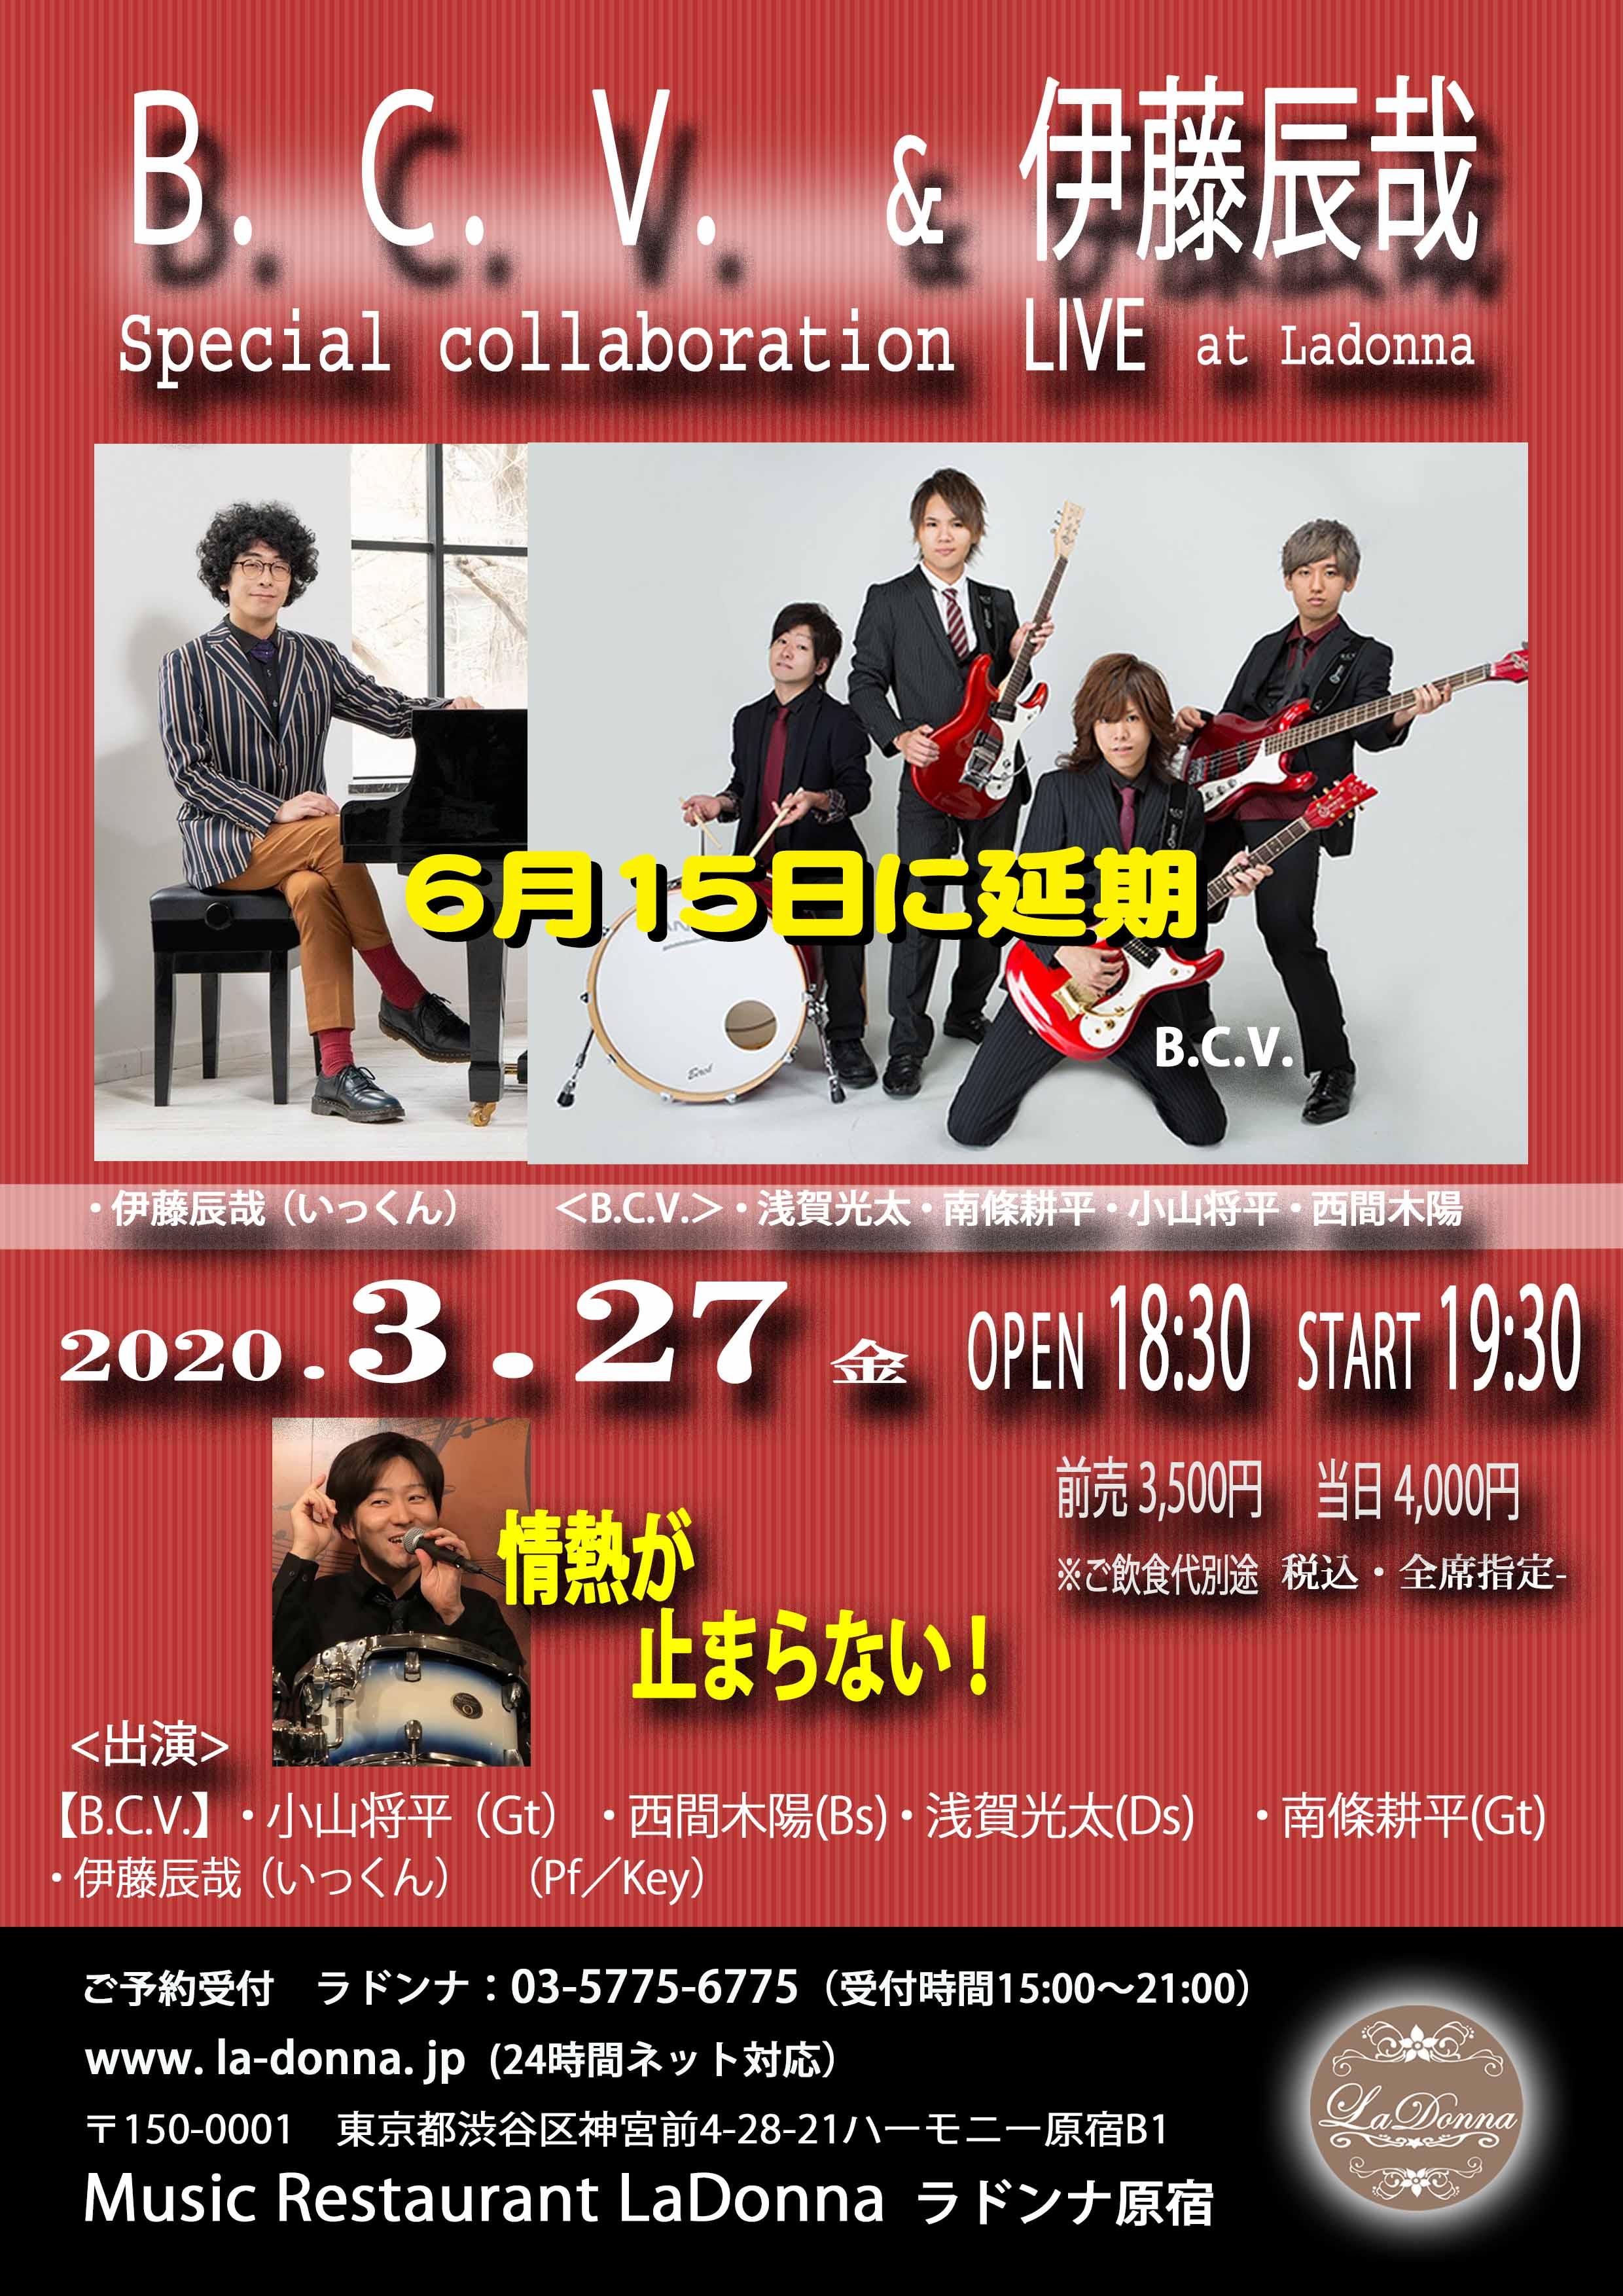 B.C.V &伊藤 辰哉 Special collaboration LIVE  ~情熱が止まらない~【本公演は6月15日に延期となりました。】